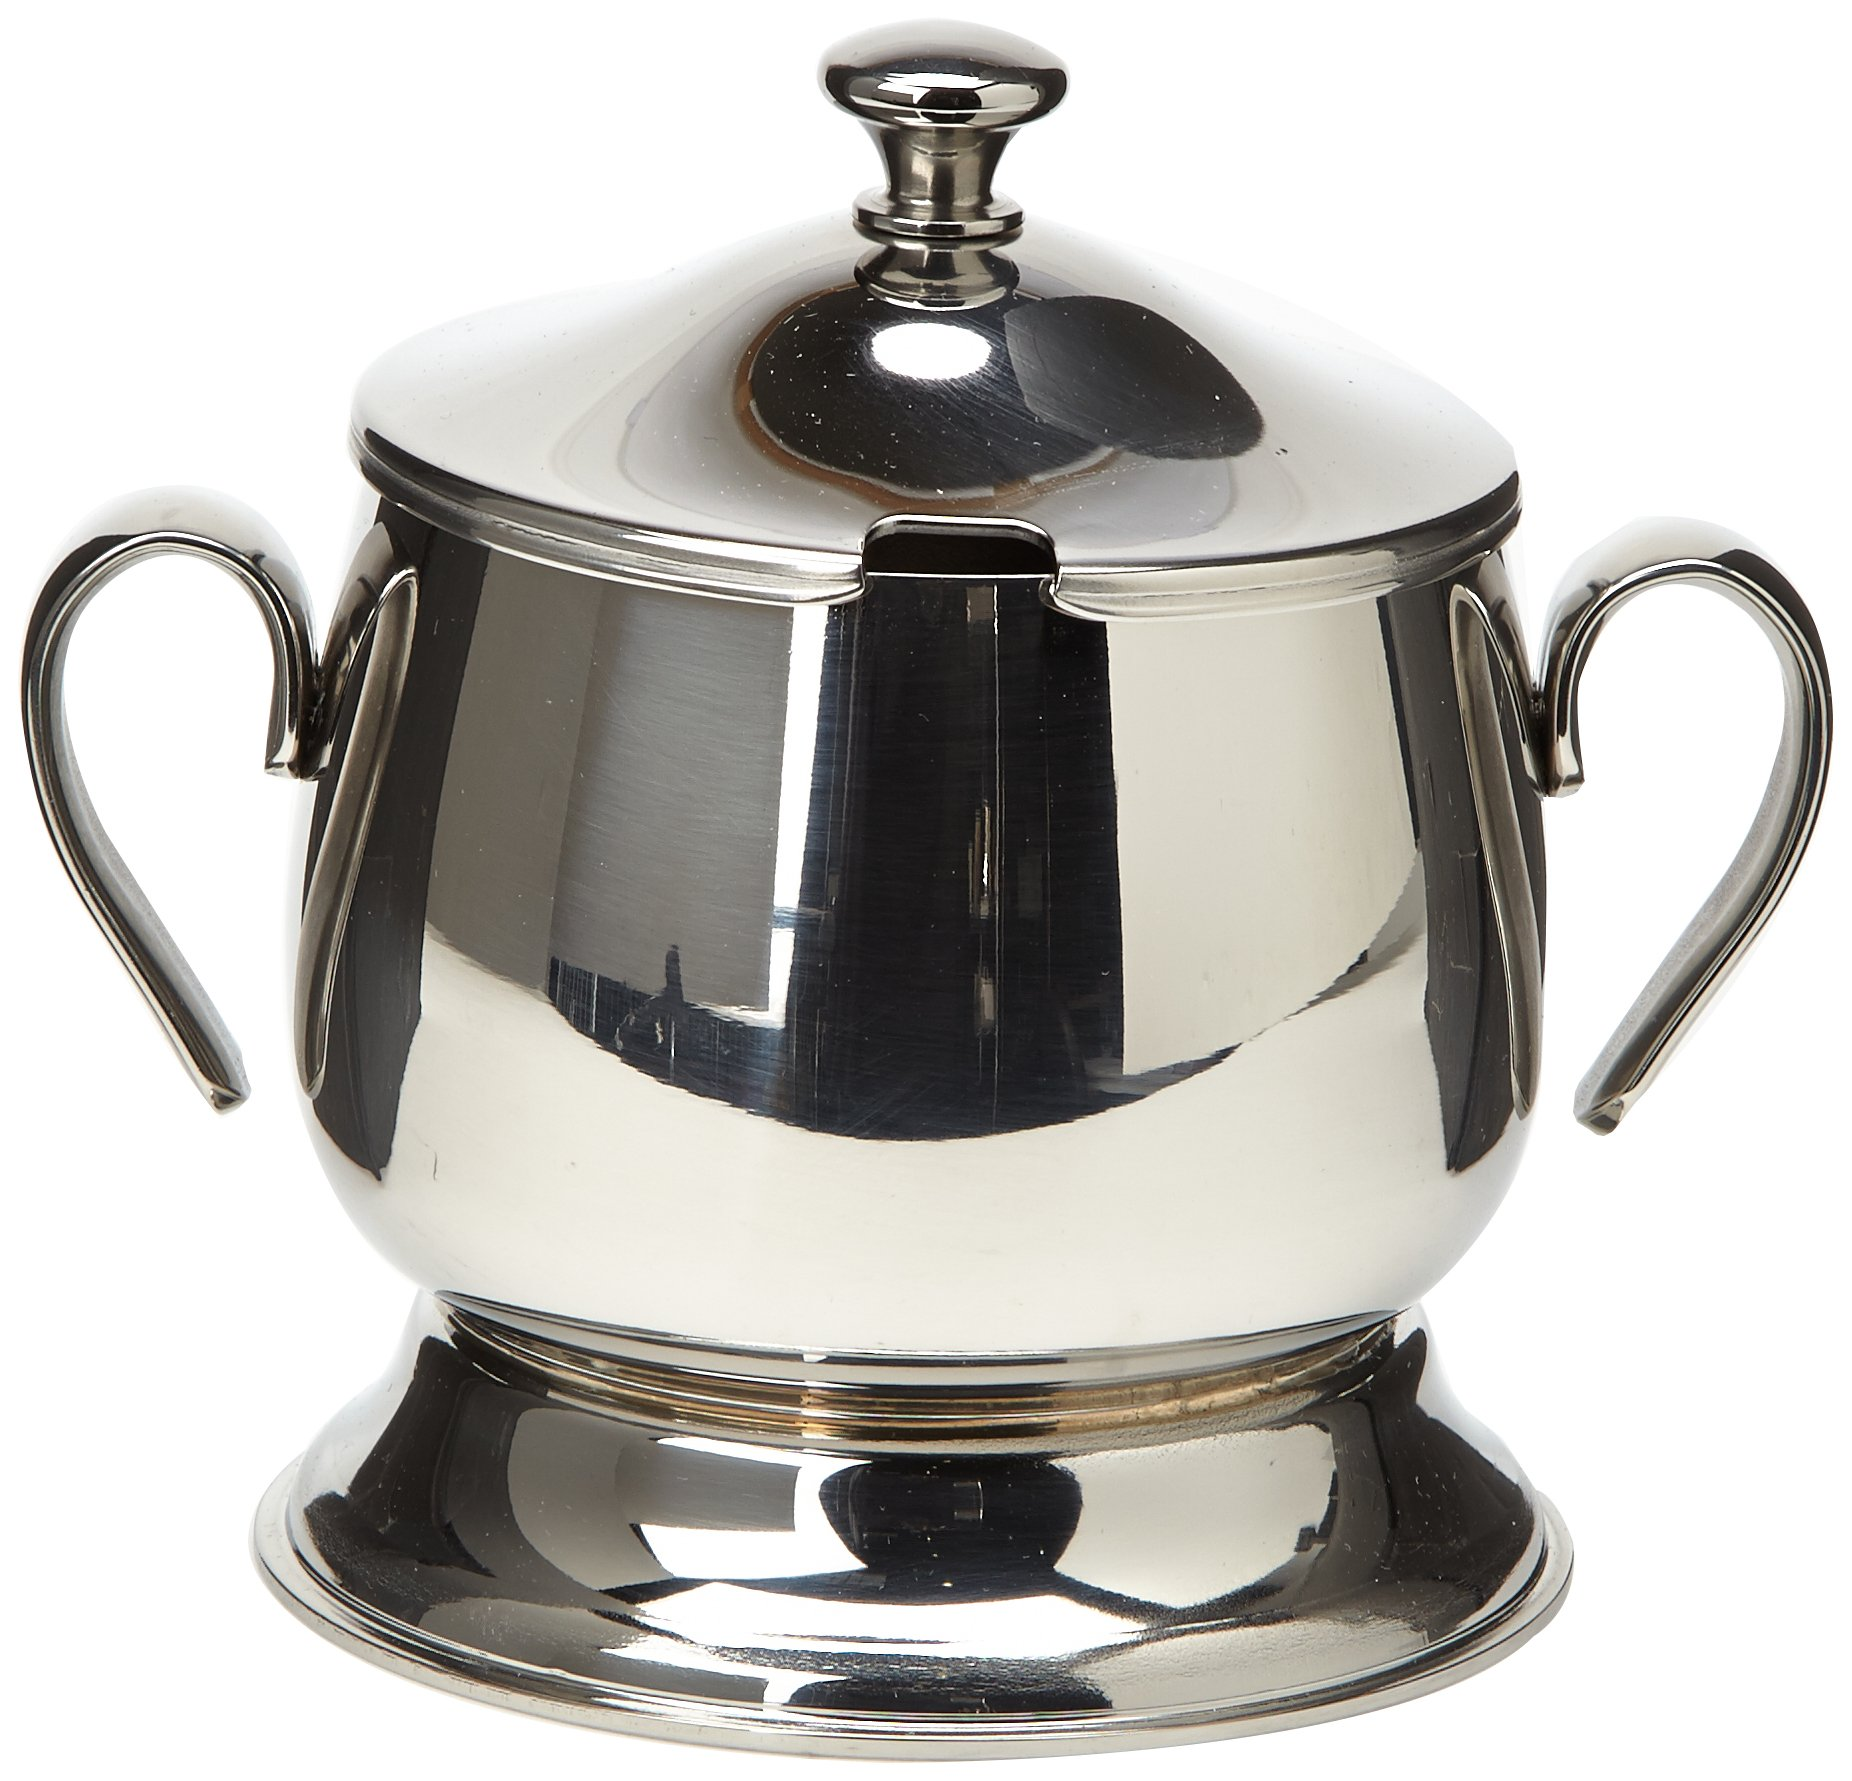 Mepra Bombata Sugar Bowl with Base, 35 Cubic Liter